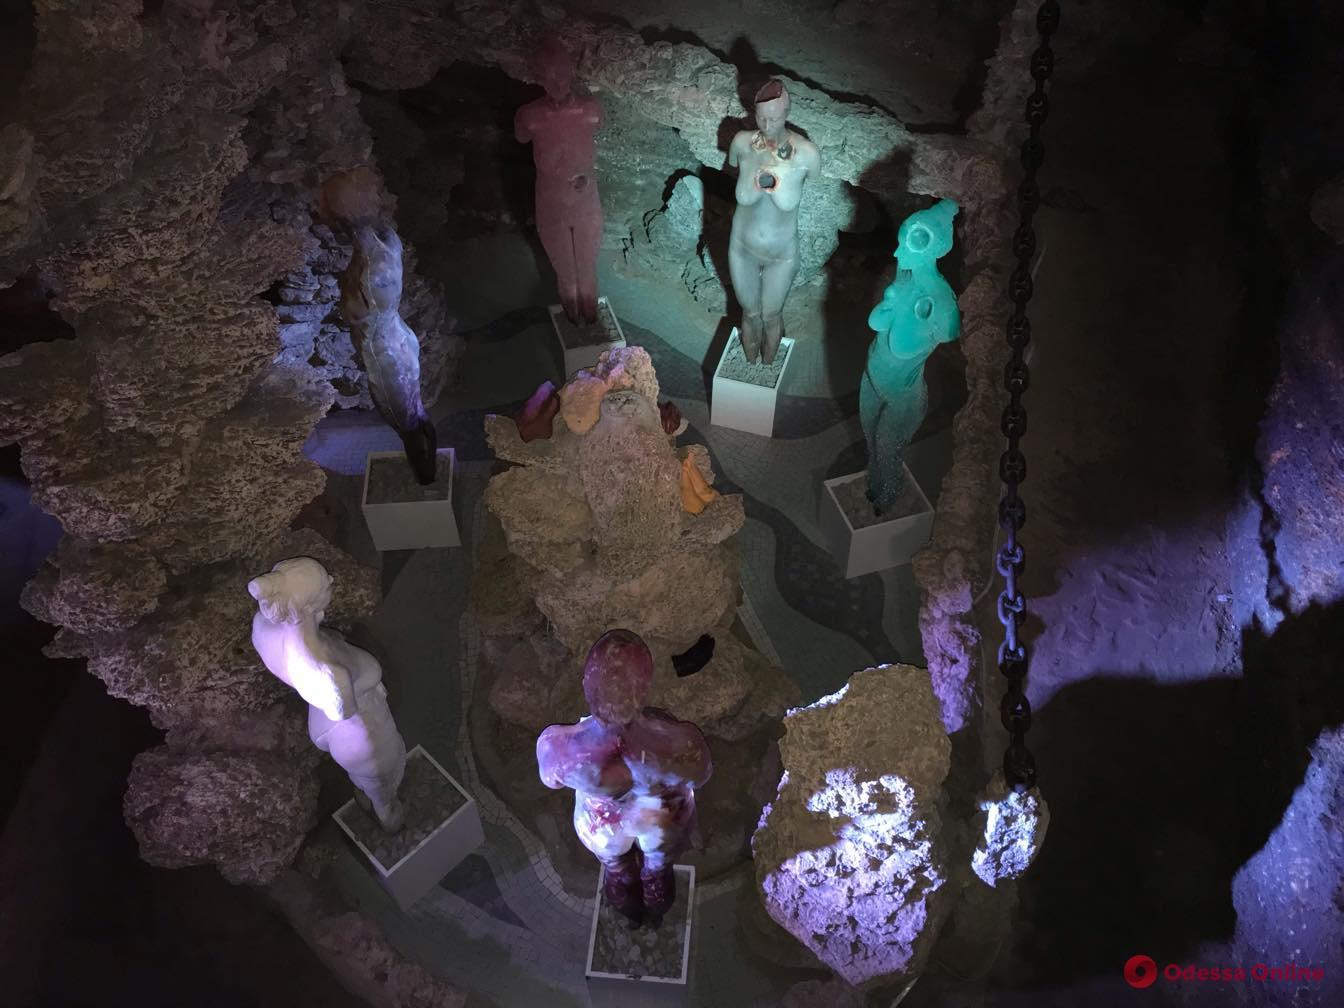 «Моя кожа — мое дело»: в одесском музее показали слепки тела художницы из мыла и парафина (фото)